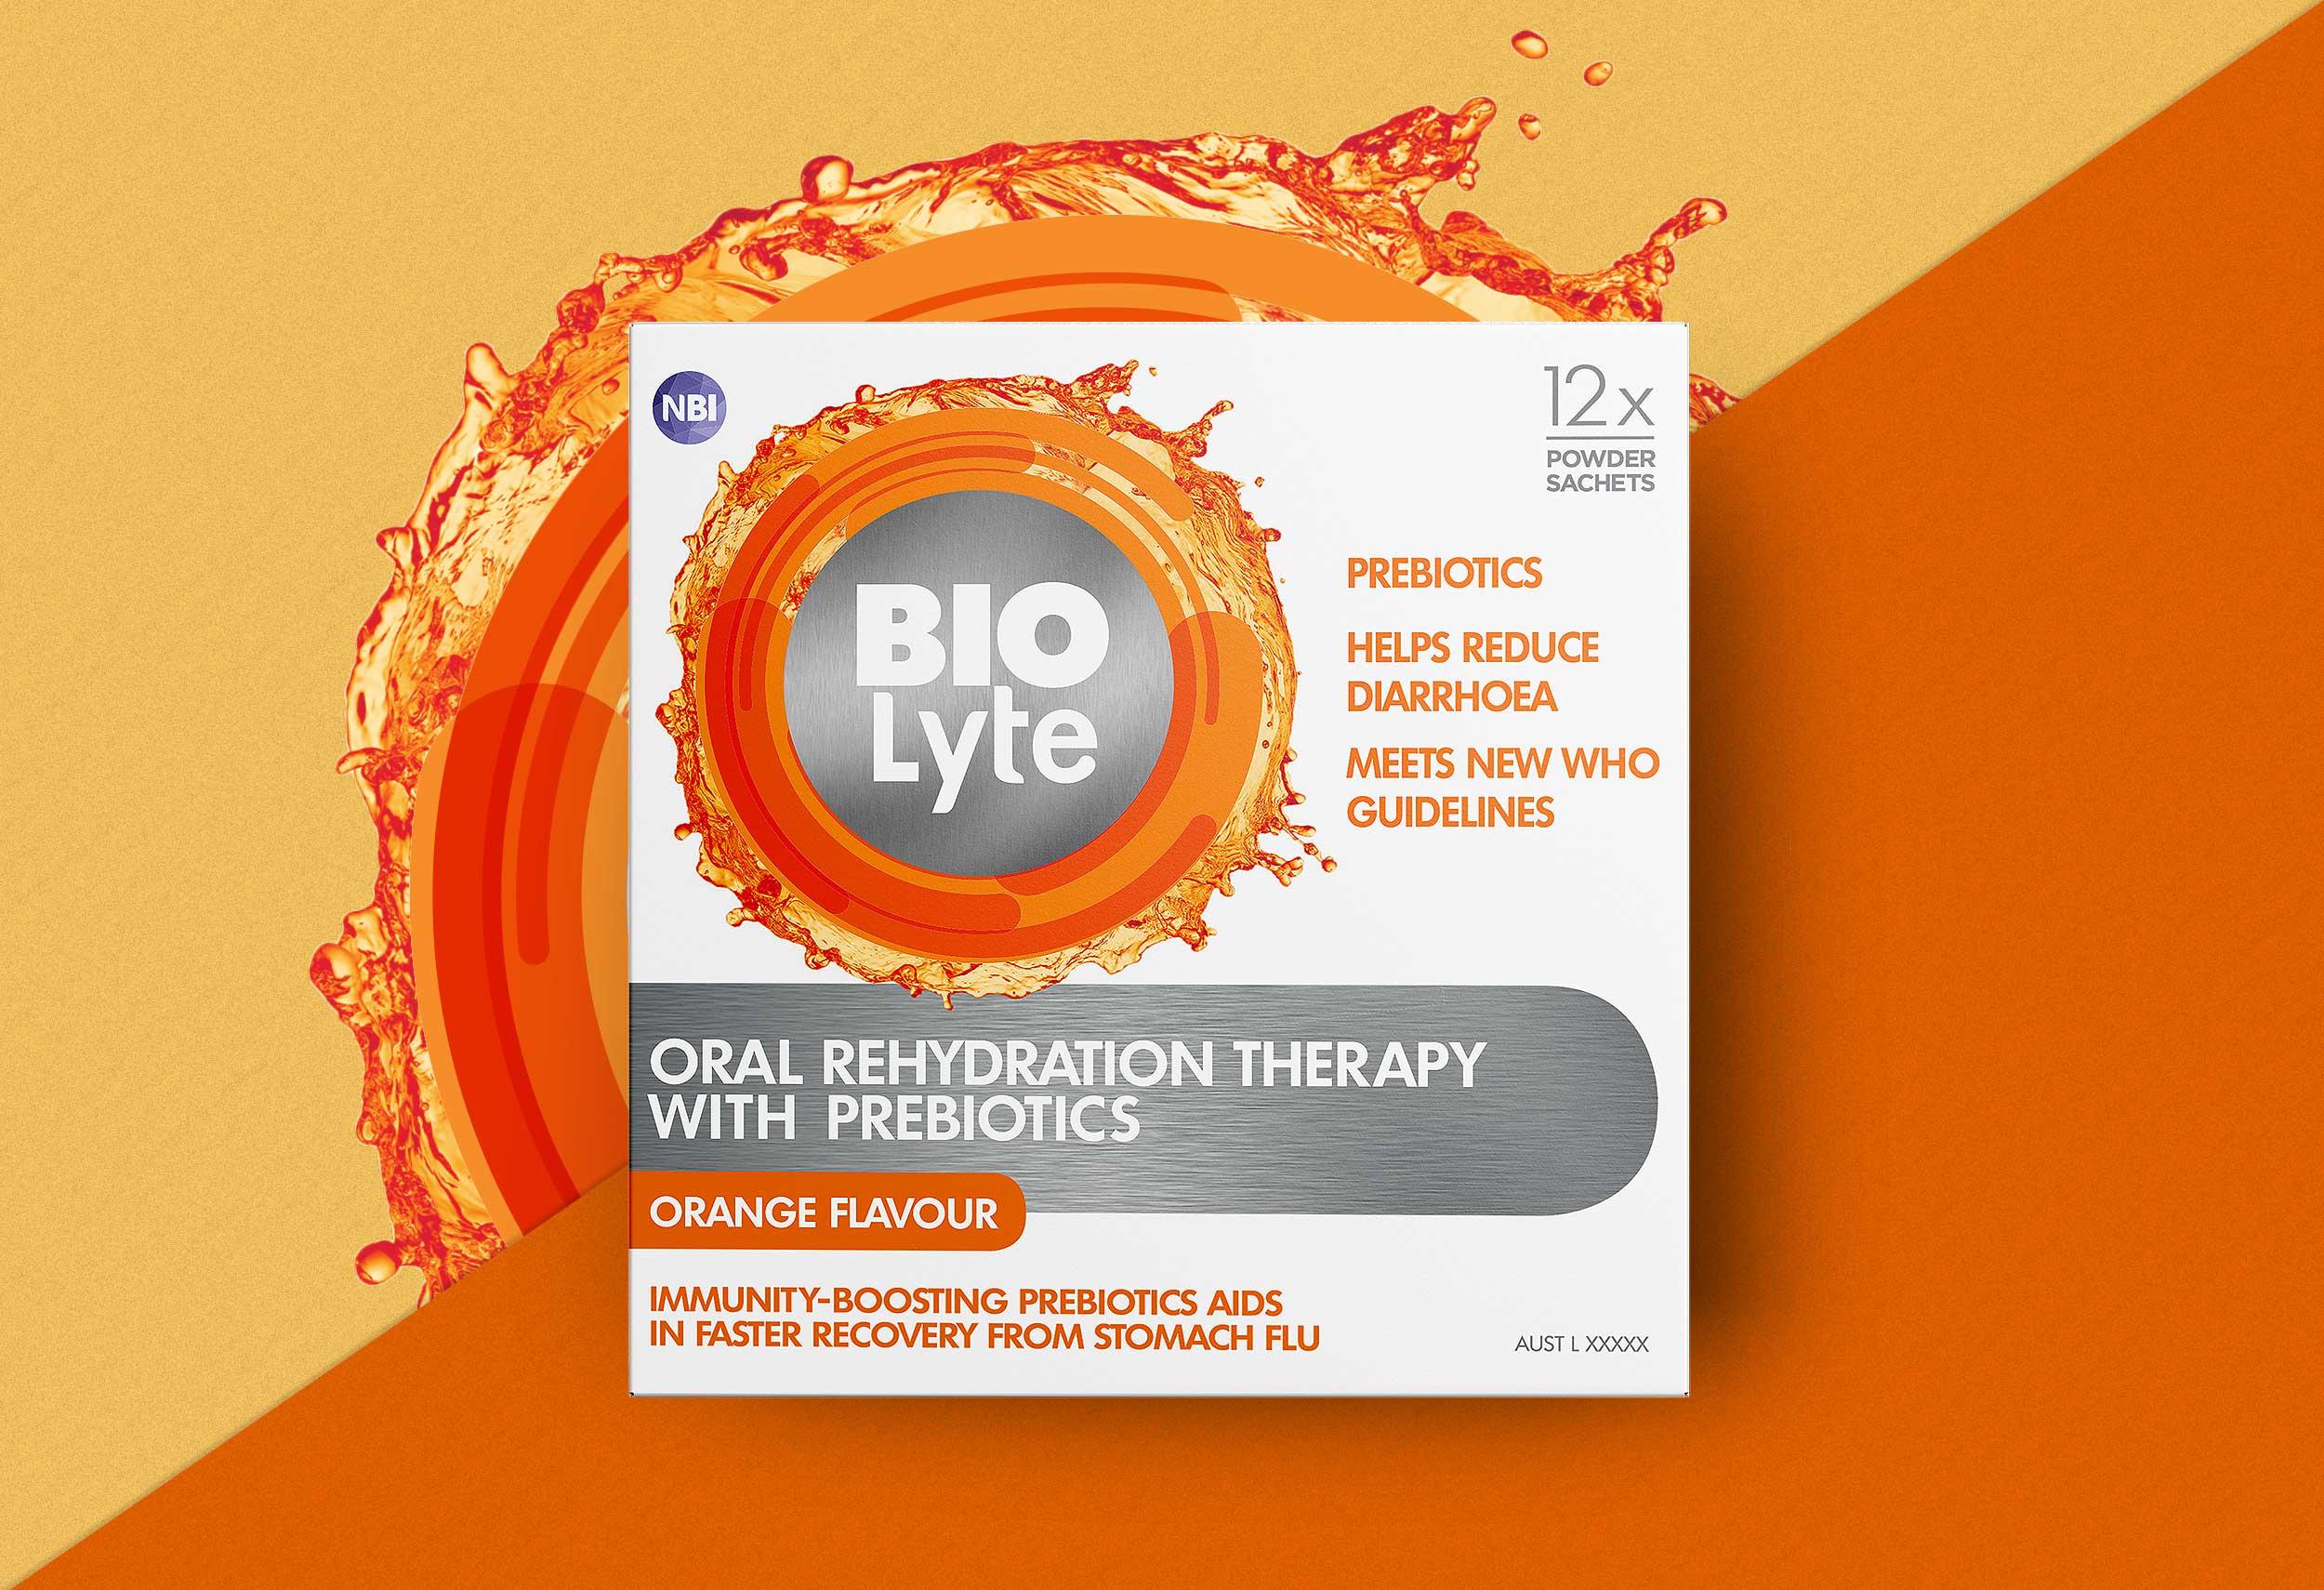 Handle-Branding_Biolyte_Packaging_002.jpg